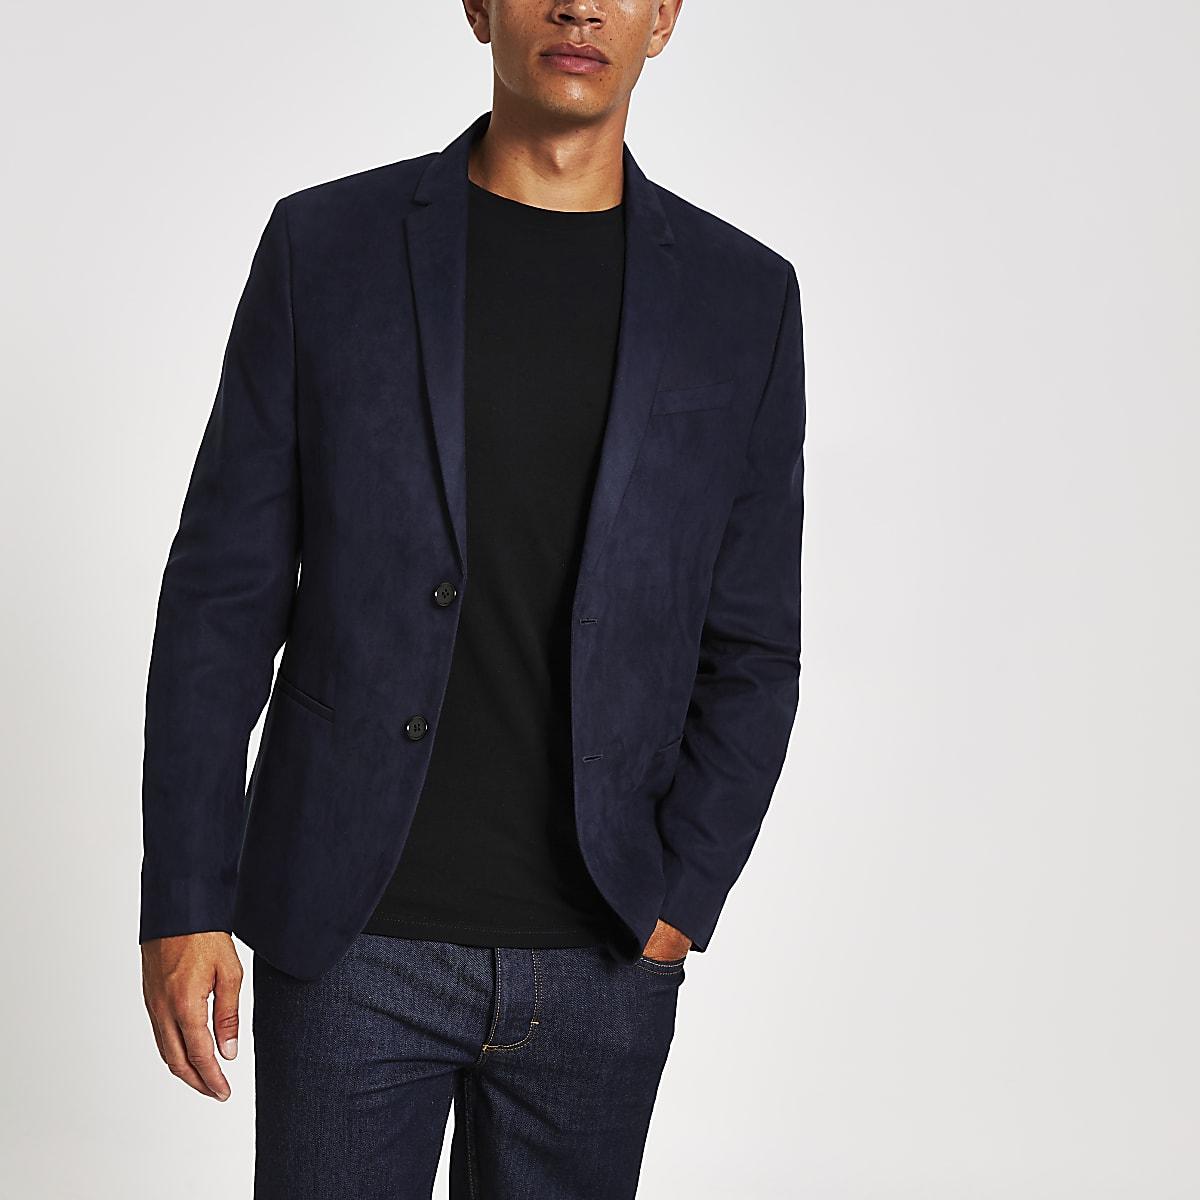 Navy suede skinny fit blazer